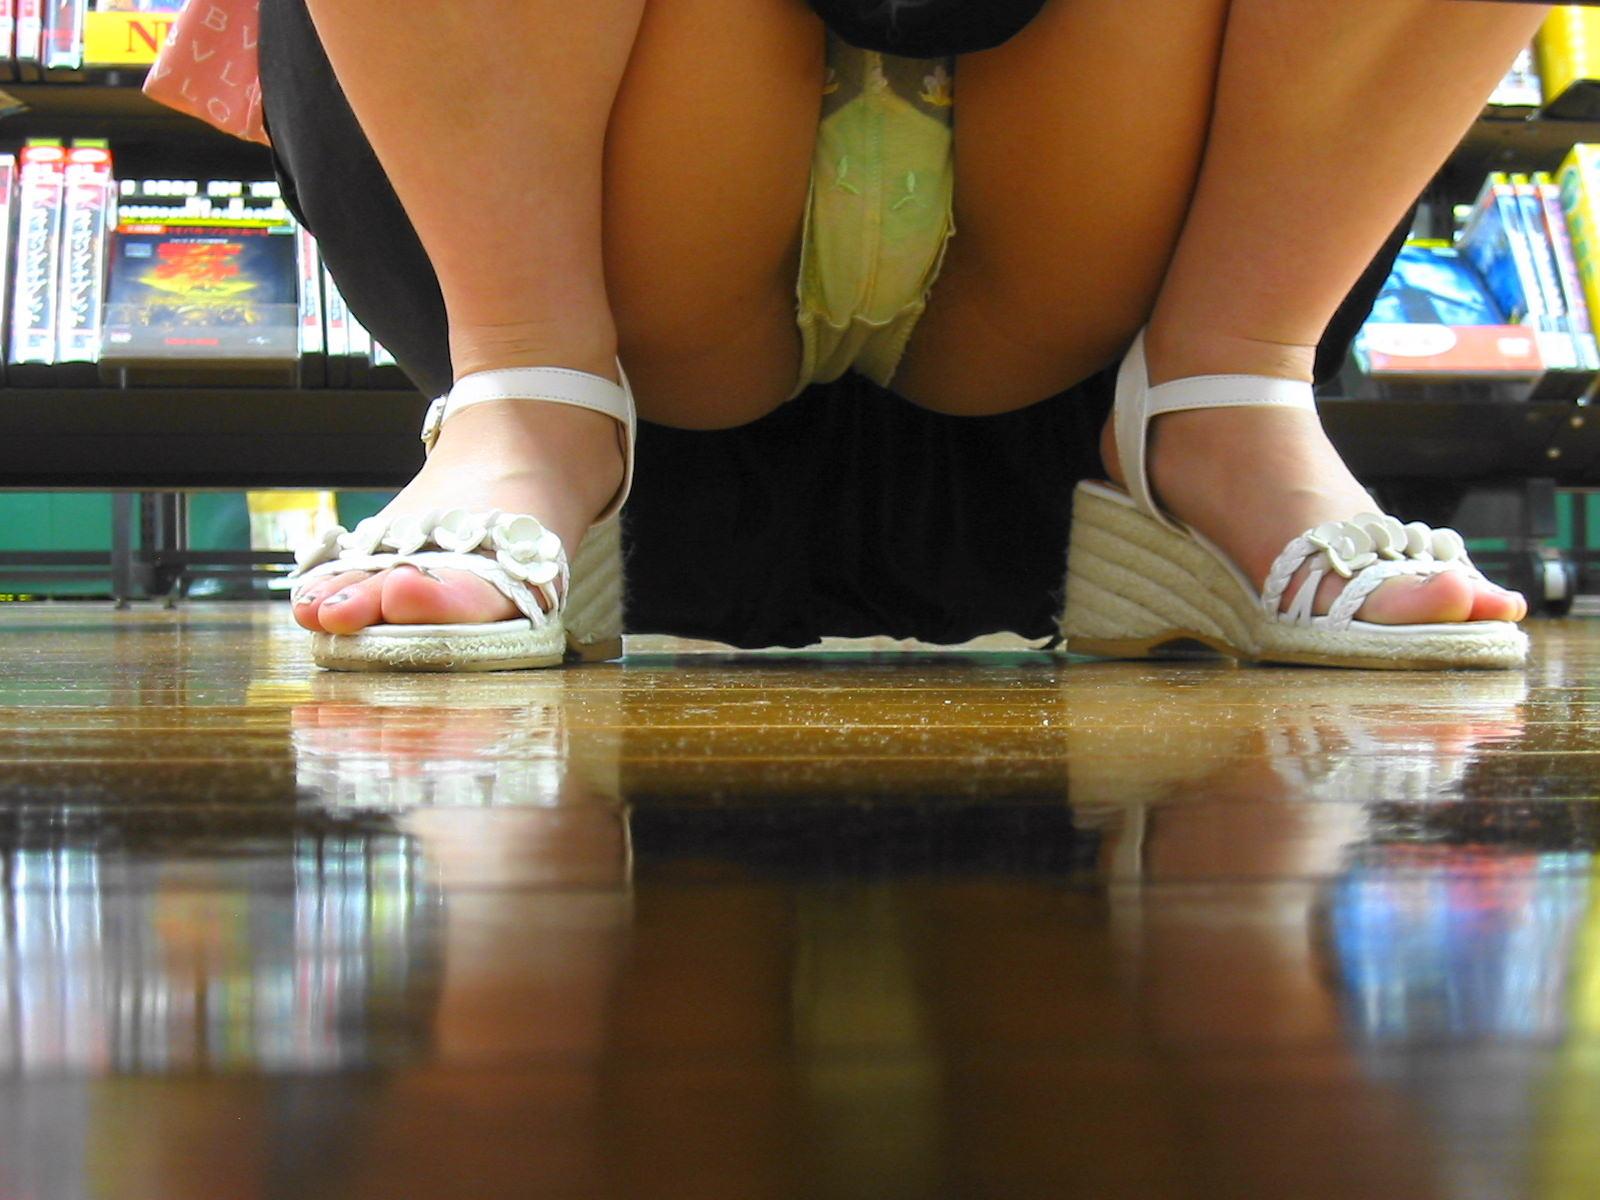 【パンチラエロ画像】店内の棚の向こうに気配!カメラ潜らせ下着を激写www 11